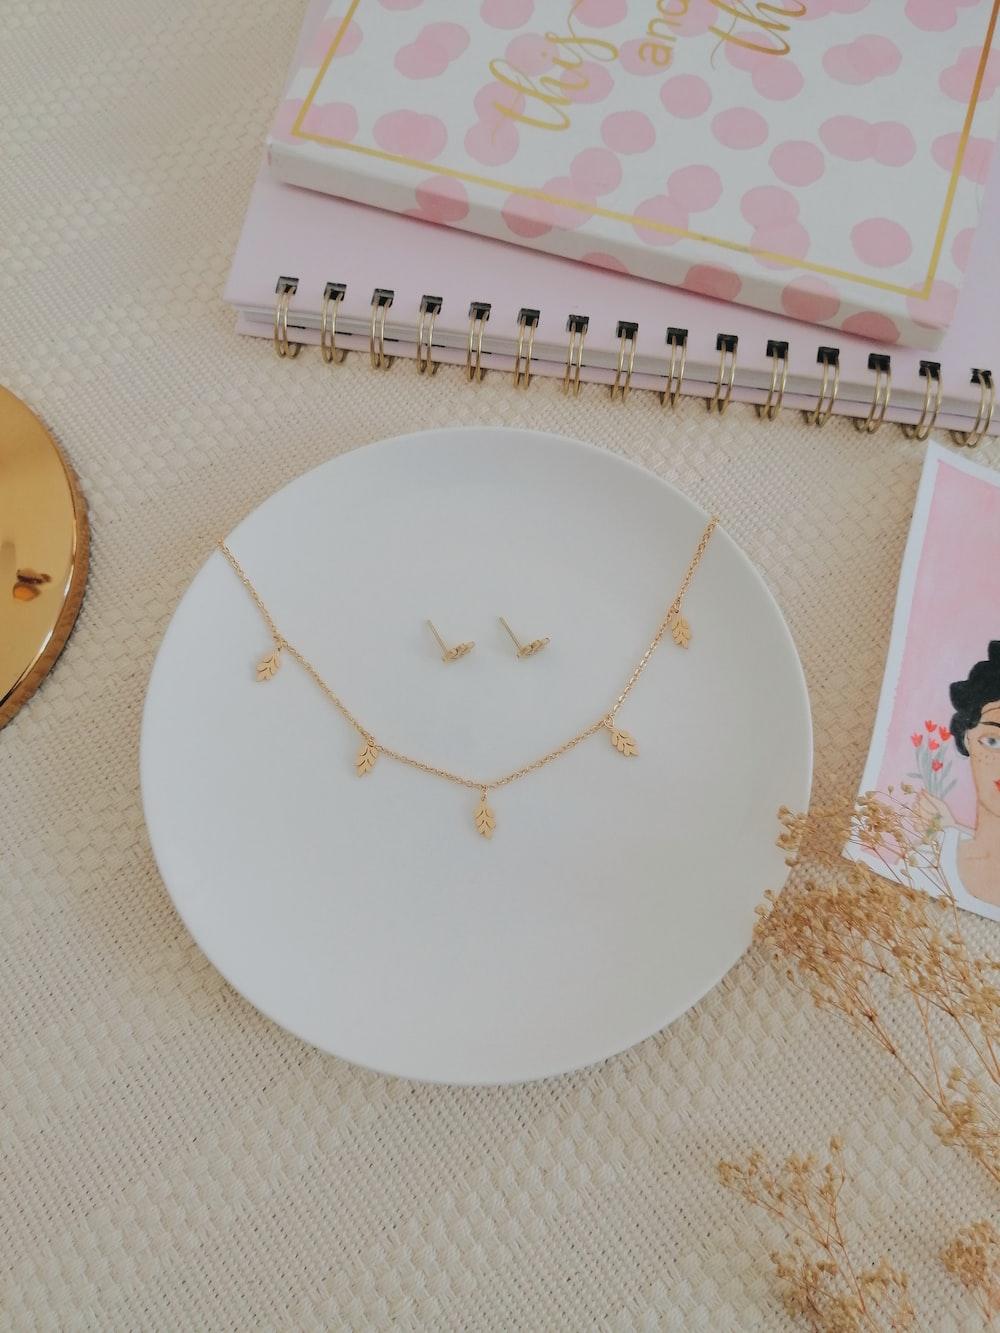 white round plate on white textile